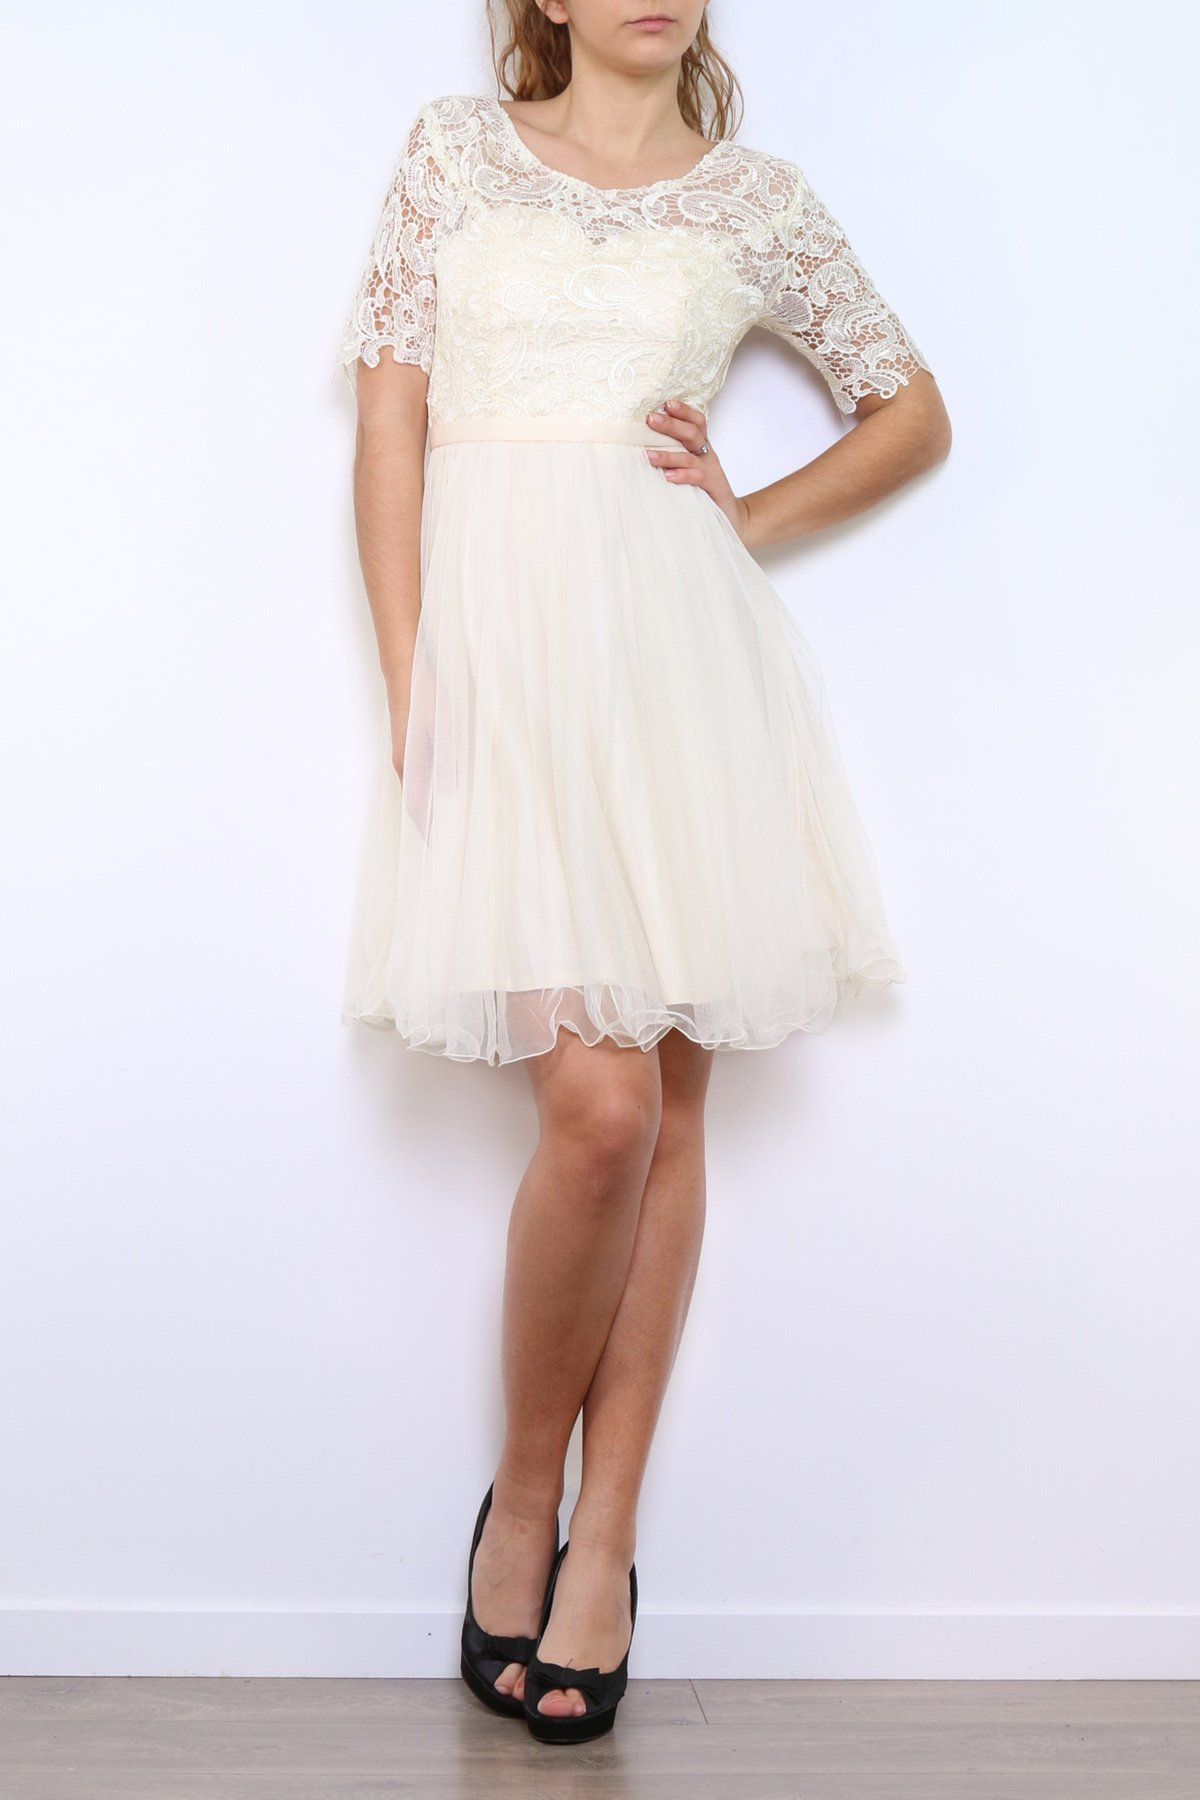 Cocktailkleid aus Tüll/Spitze mit halb Arm in Weiß - R9107